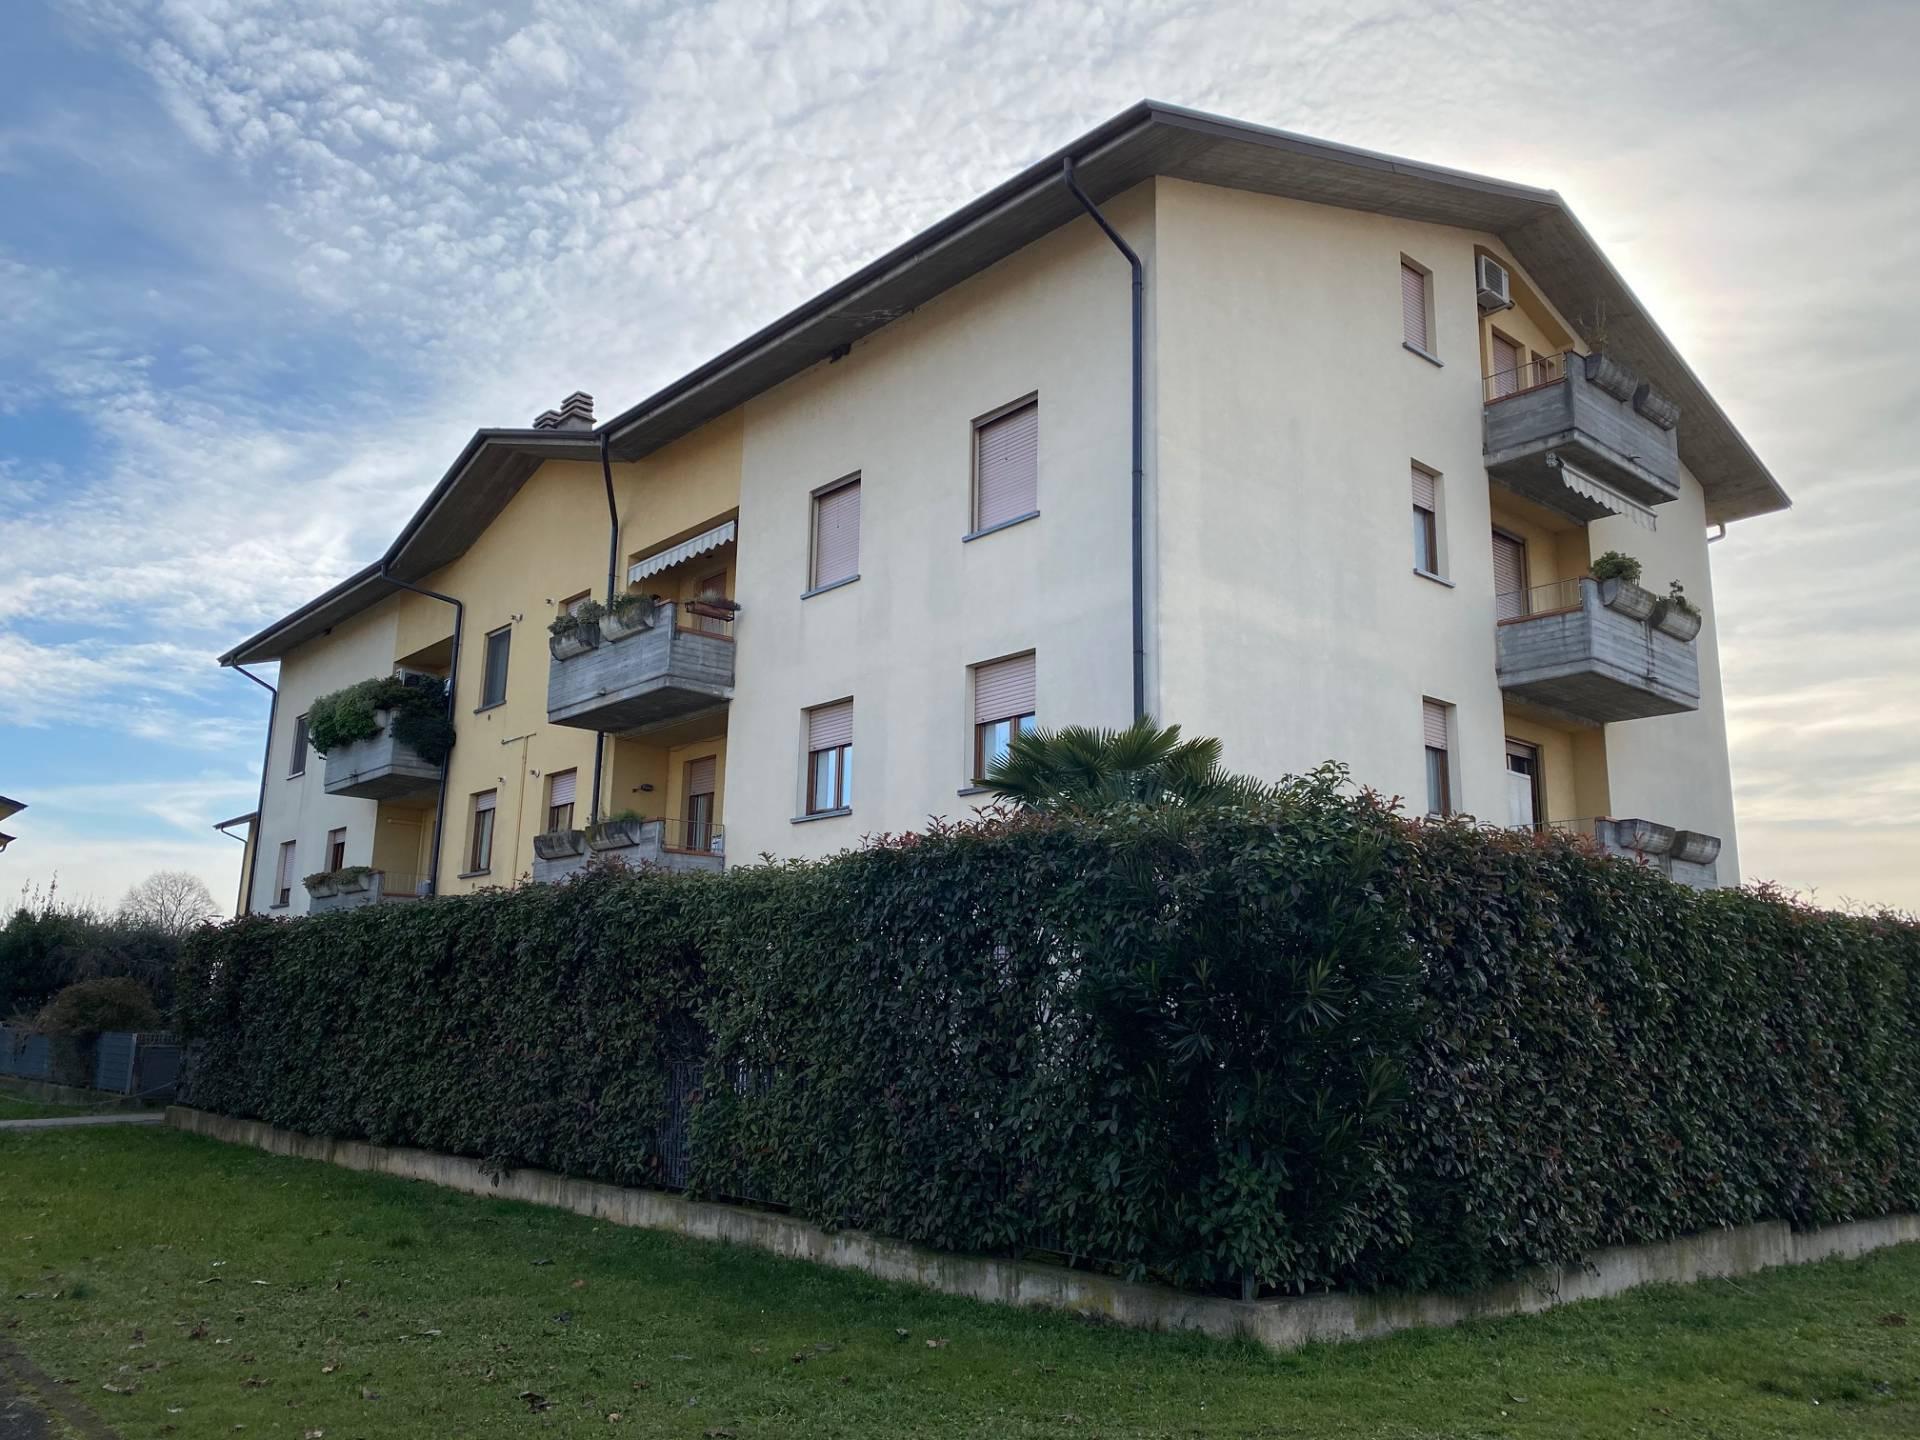 Appartamento in vendita a Palazzolo sull'Oglio, 2 locali, Trattative riservate | PortaleAgenzieImmobiliari.it